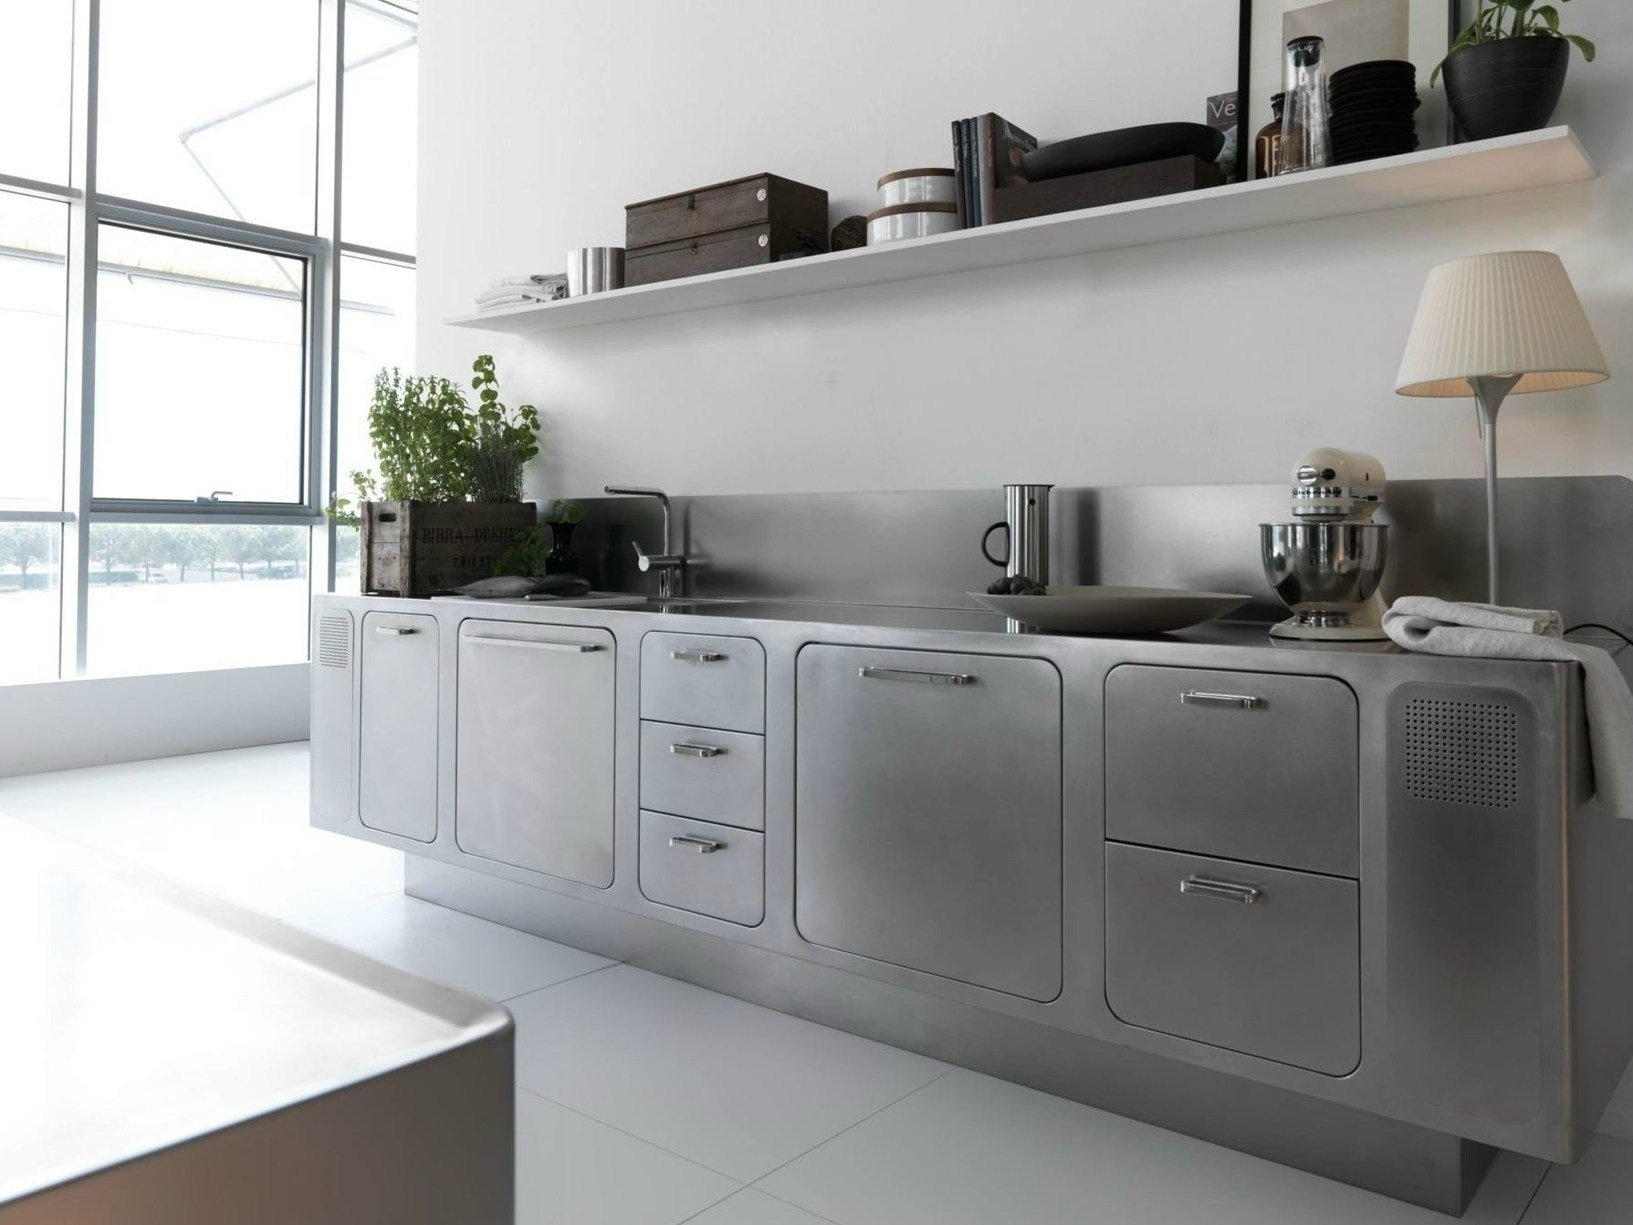 Nasce abimis la cucina che non c era - Top piano cucina ...